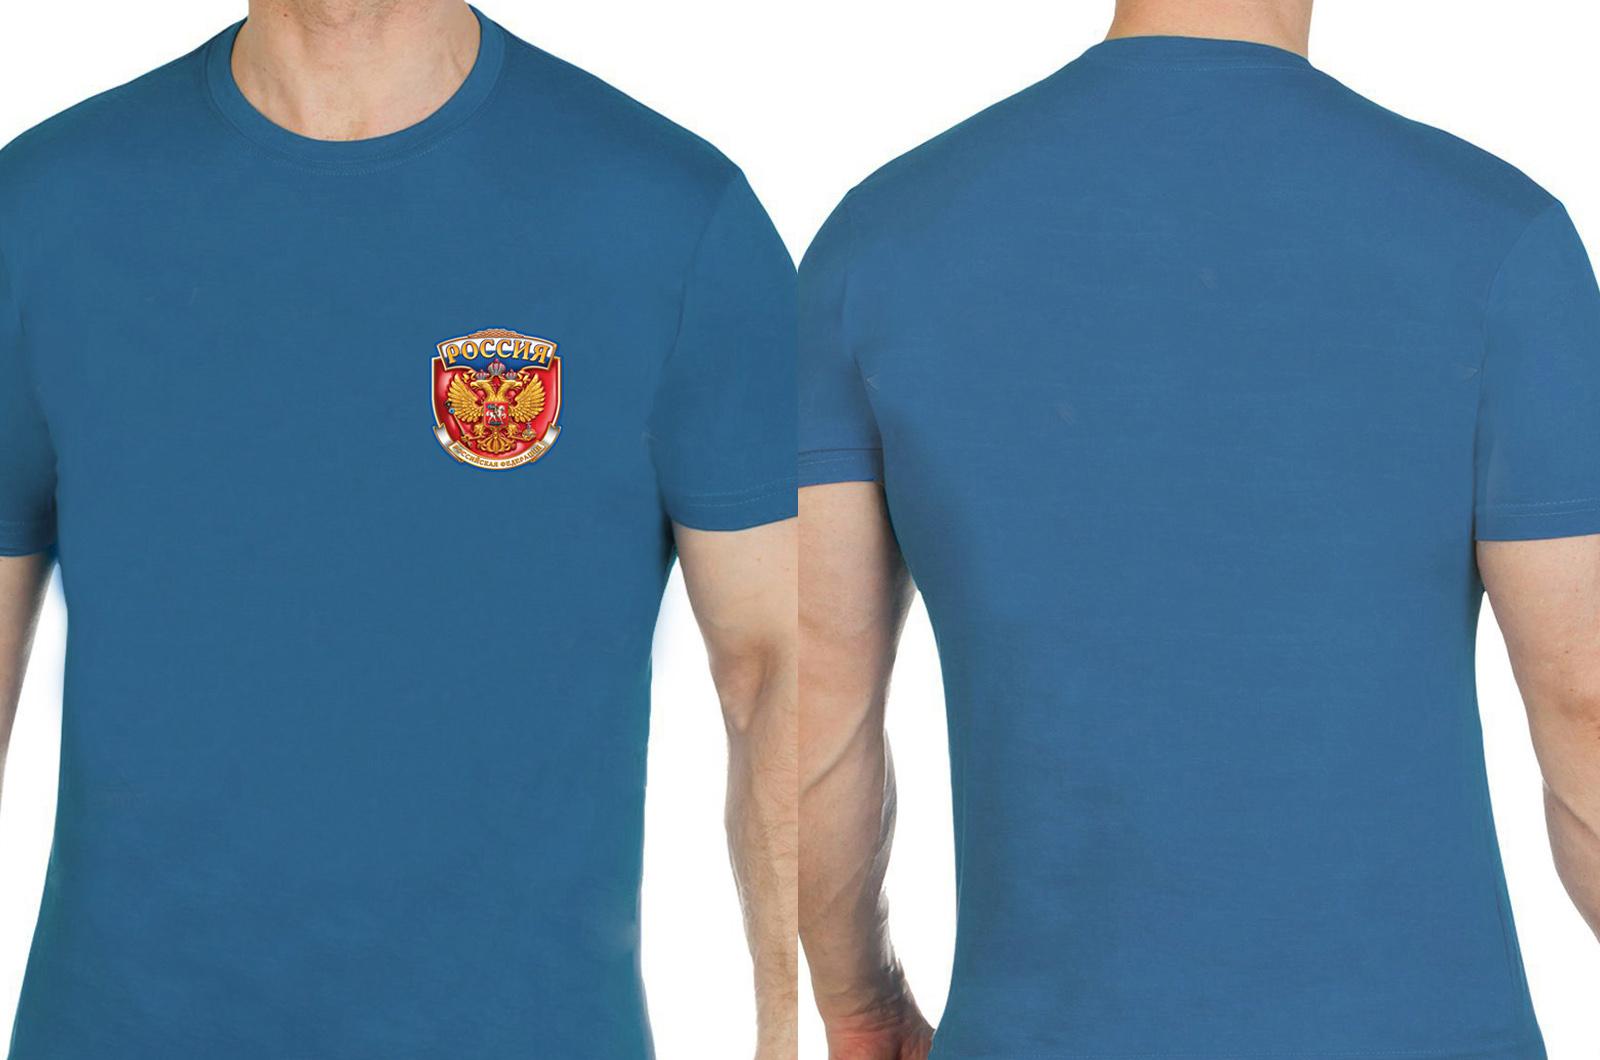 Патриотическая футболка с символикой Россия.